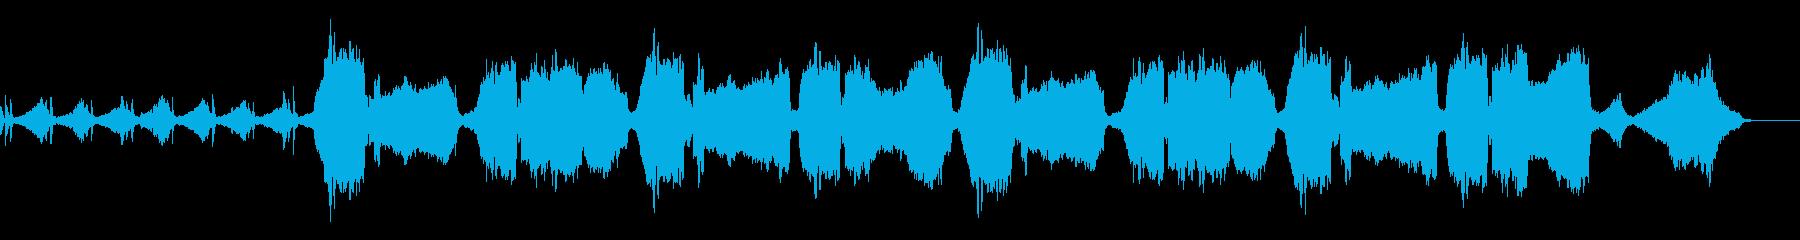 荒廃した雰囲気のある楽曲の再生済みの波形